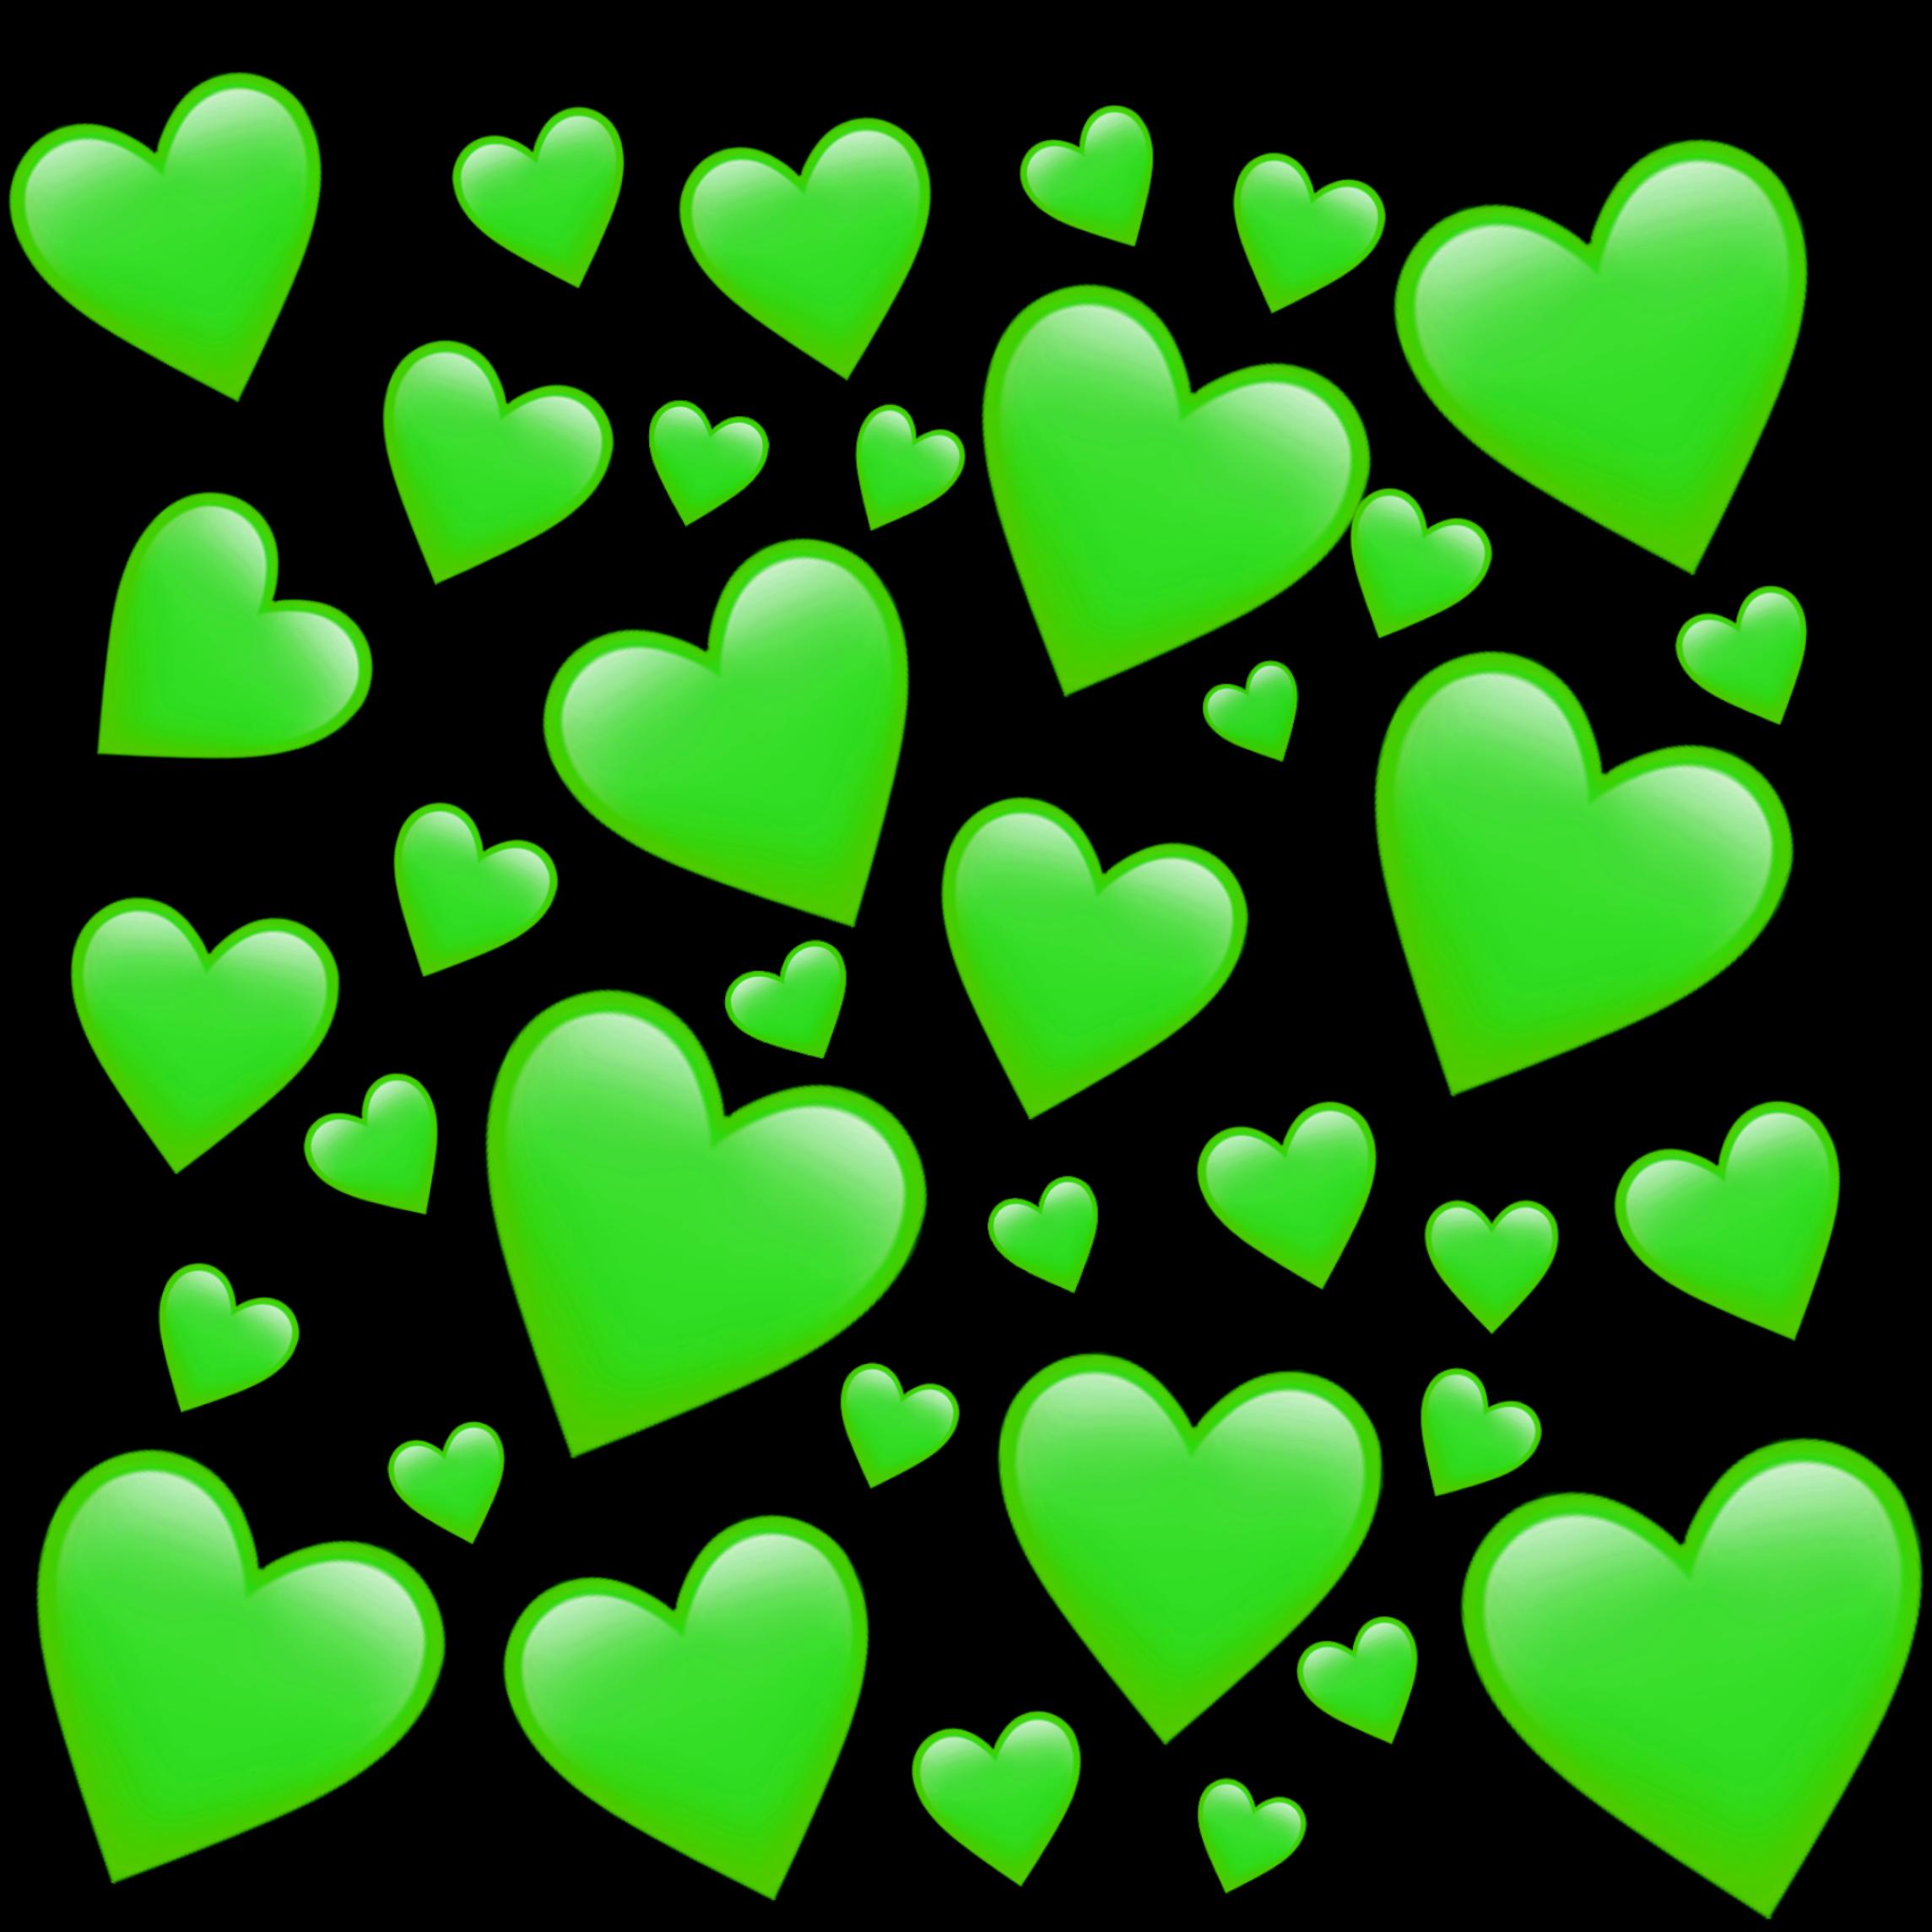 части, картинки сердечки зеленые еще